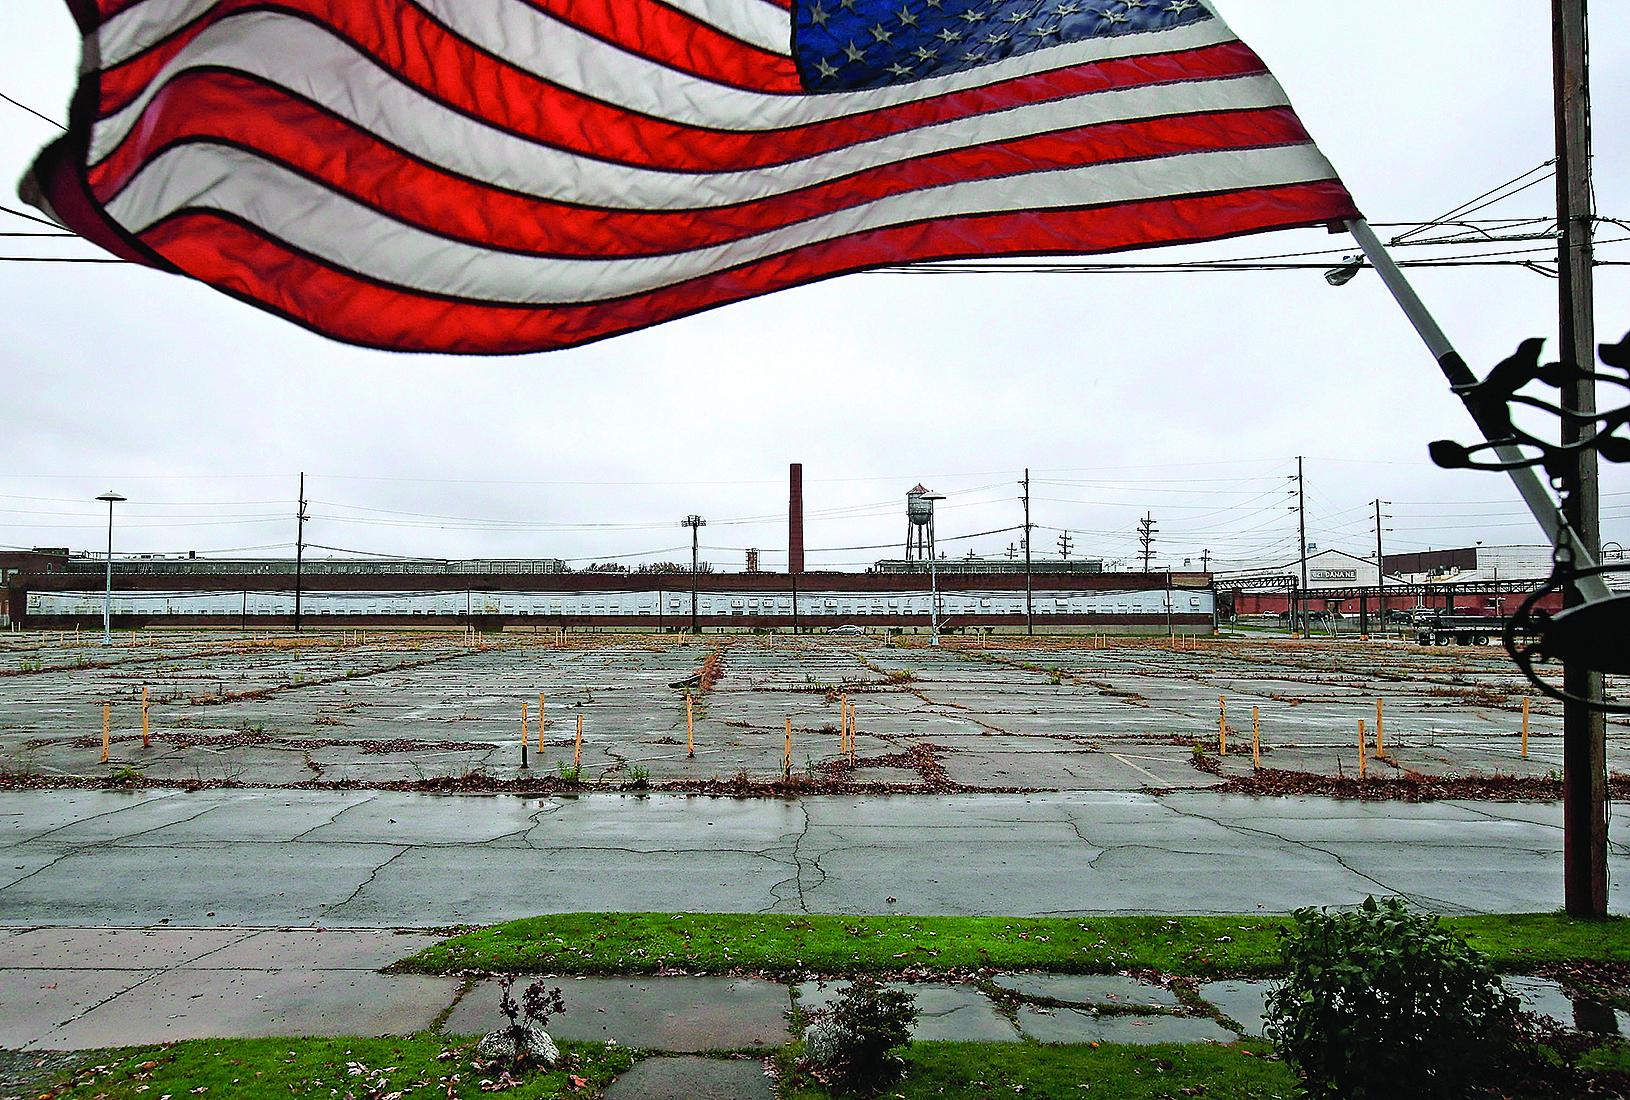 美國中西部大片地區製造業枯萎,充斥關閉的工業園區,成為所謂的「鐵鏽帶」,特郎普誓言改變這一趨勢,重振美國製造業。(Getty Images)